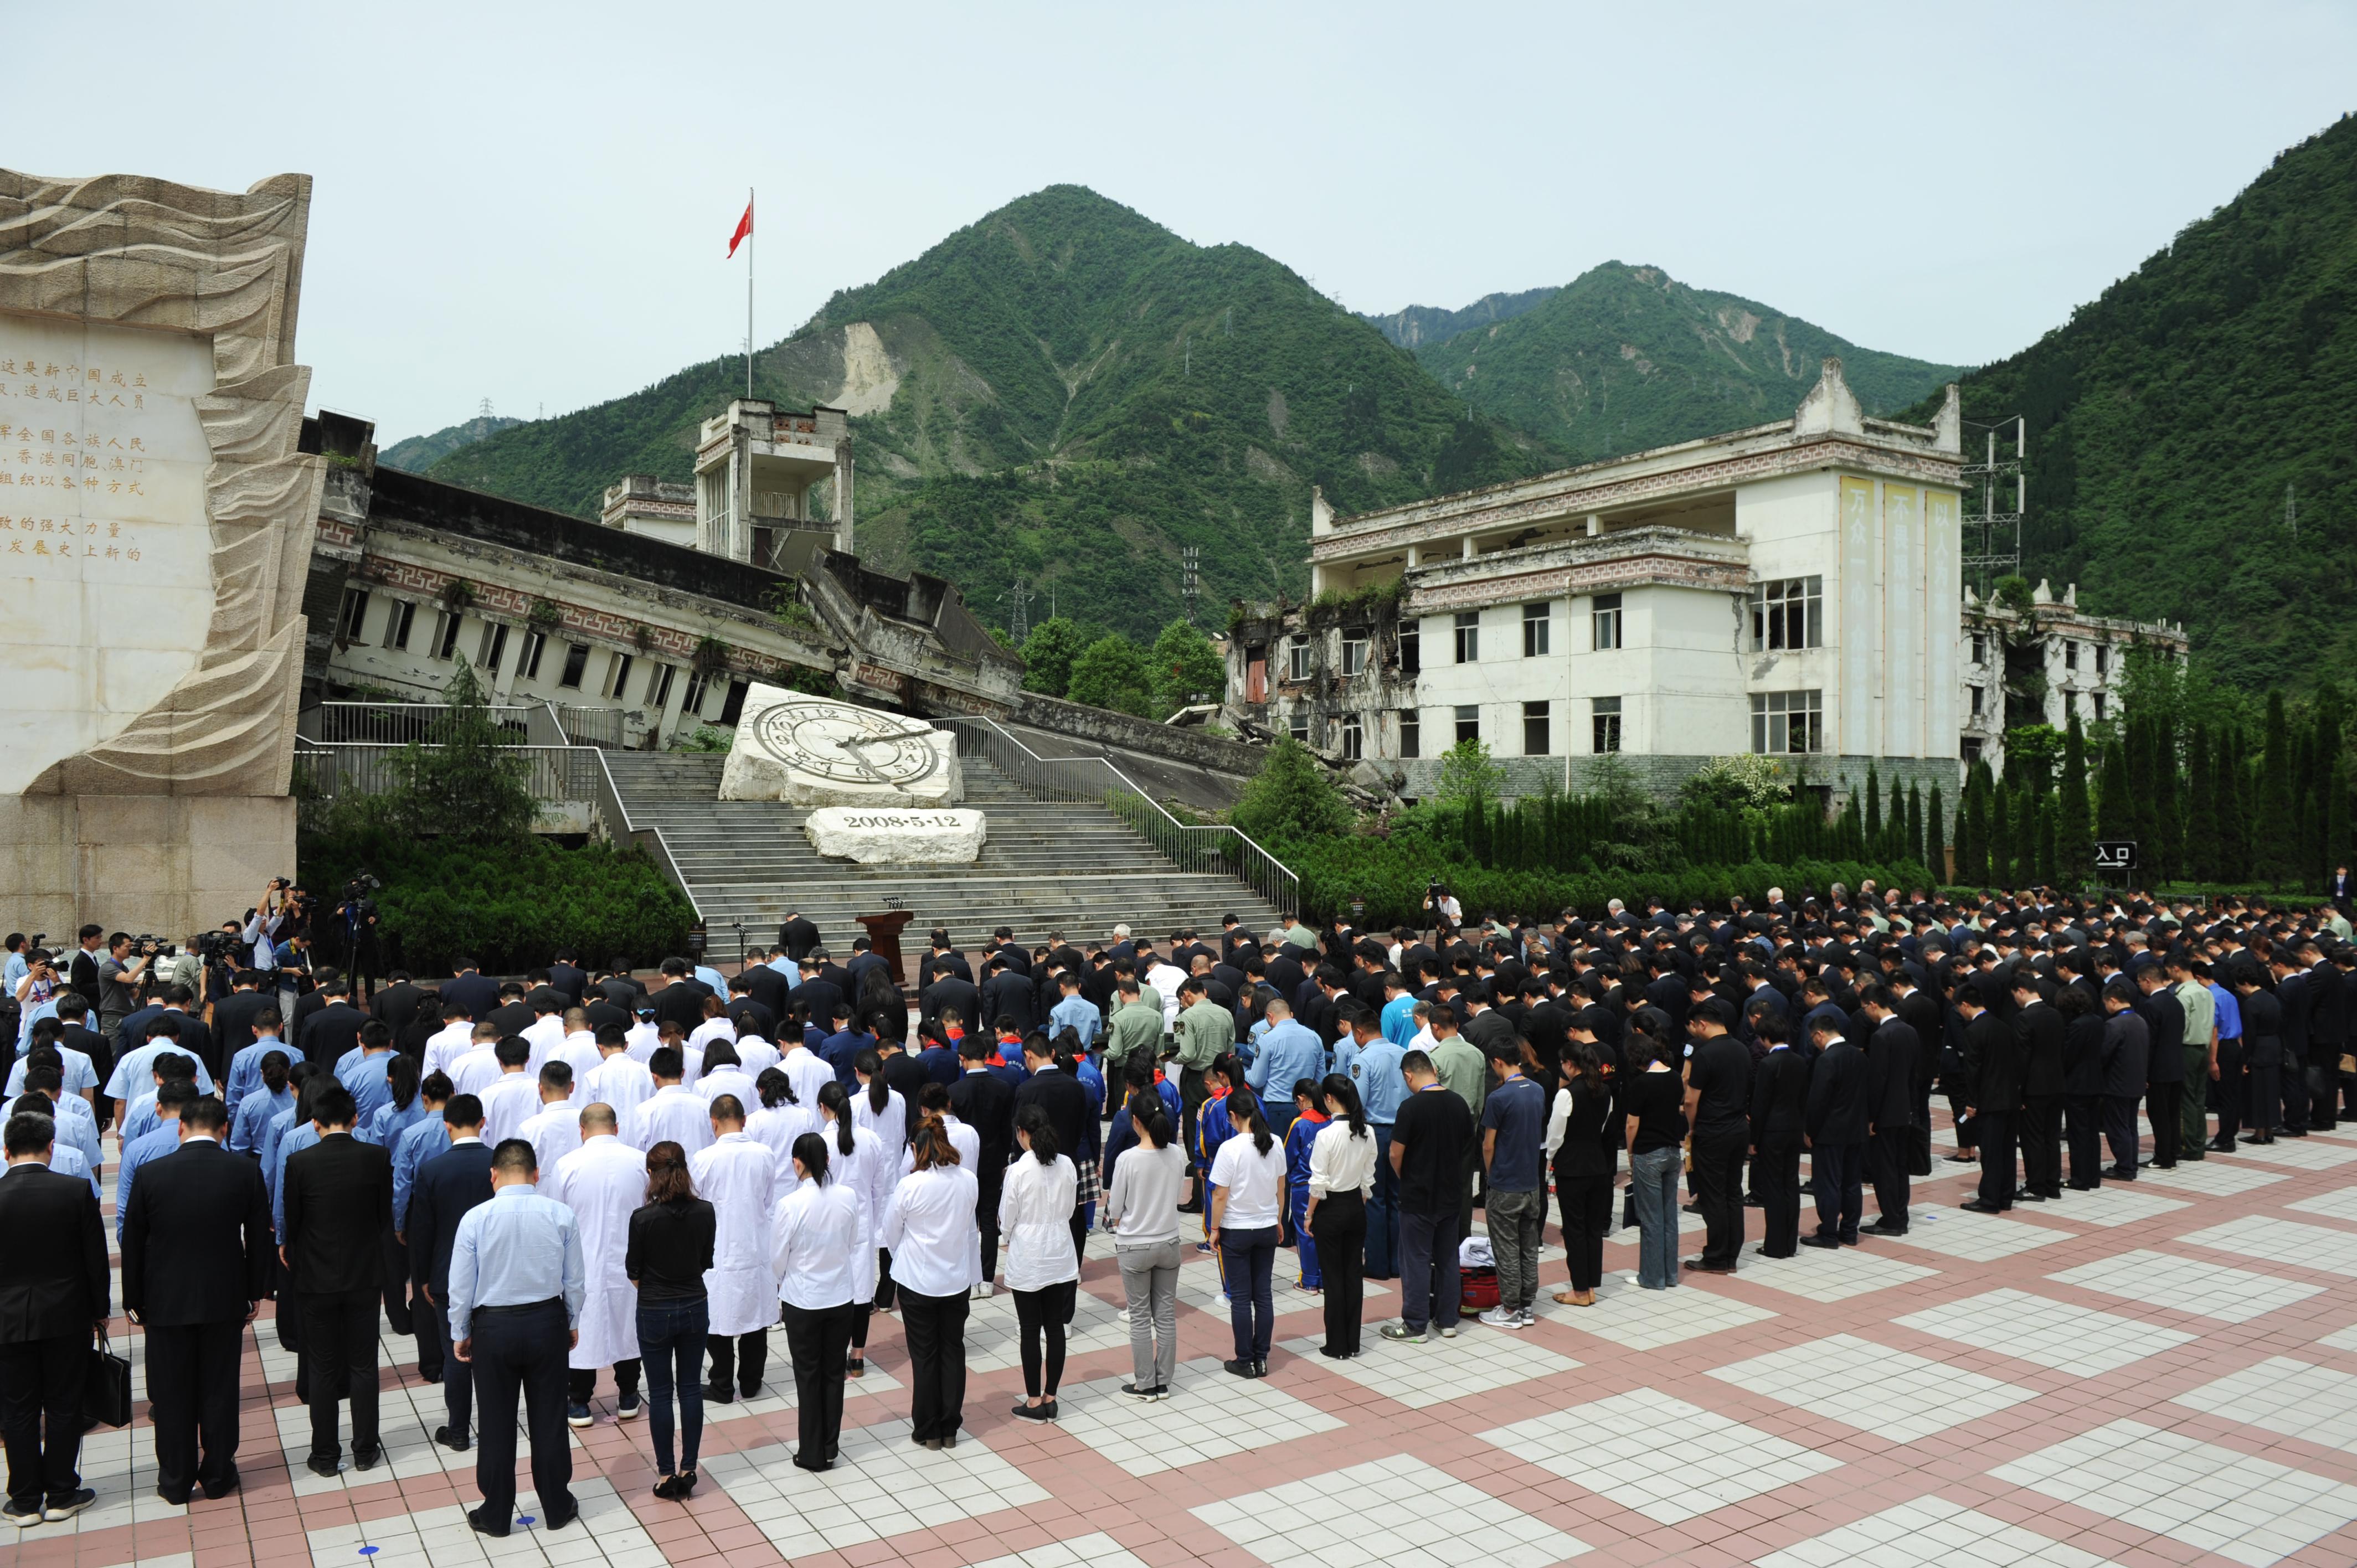 La ceremonia con un minuto de silencio para recordar el sismo el 12 de mayo de 2018. (AFP)